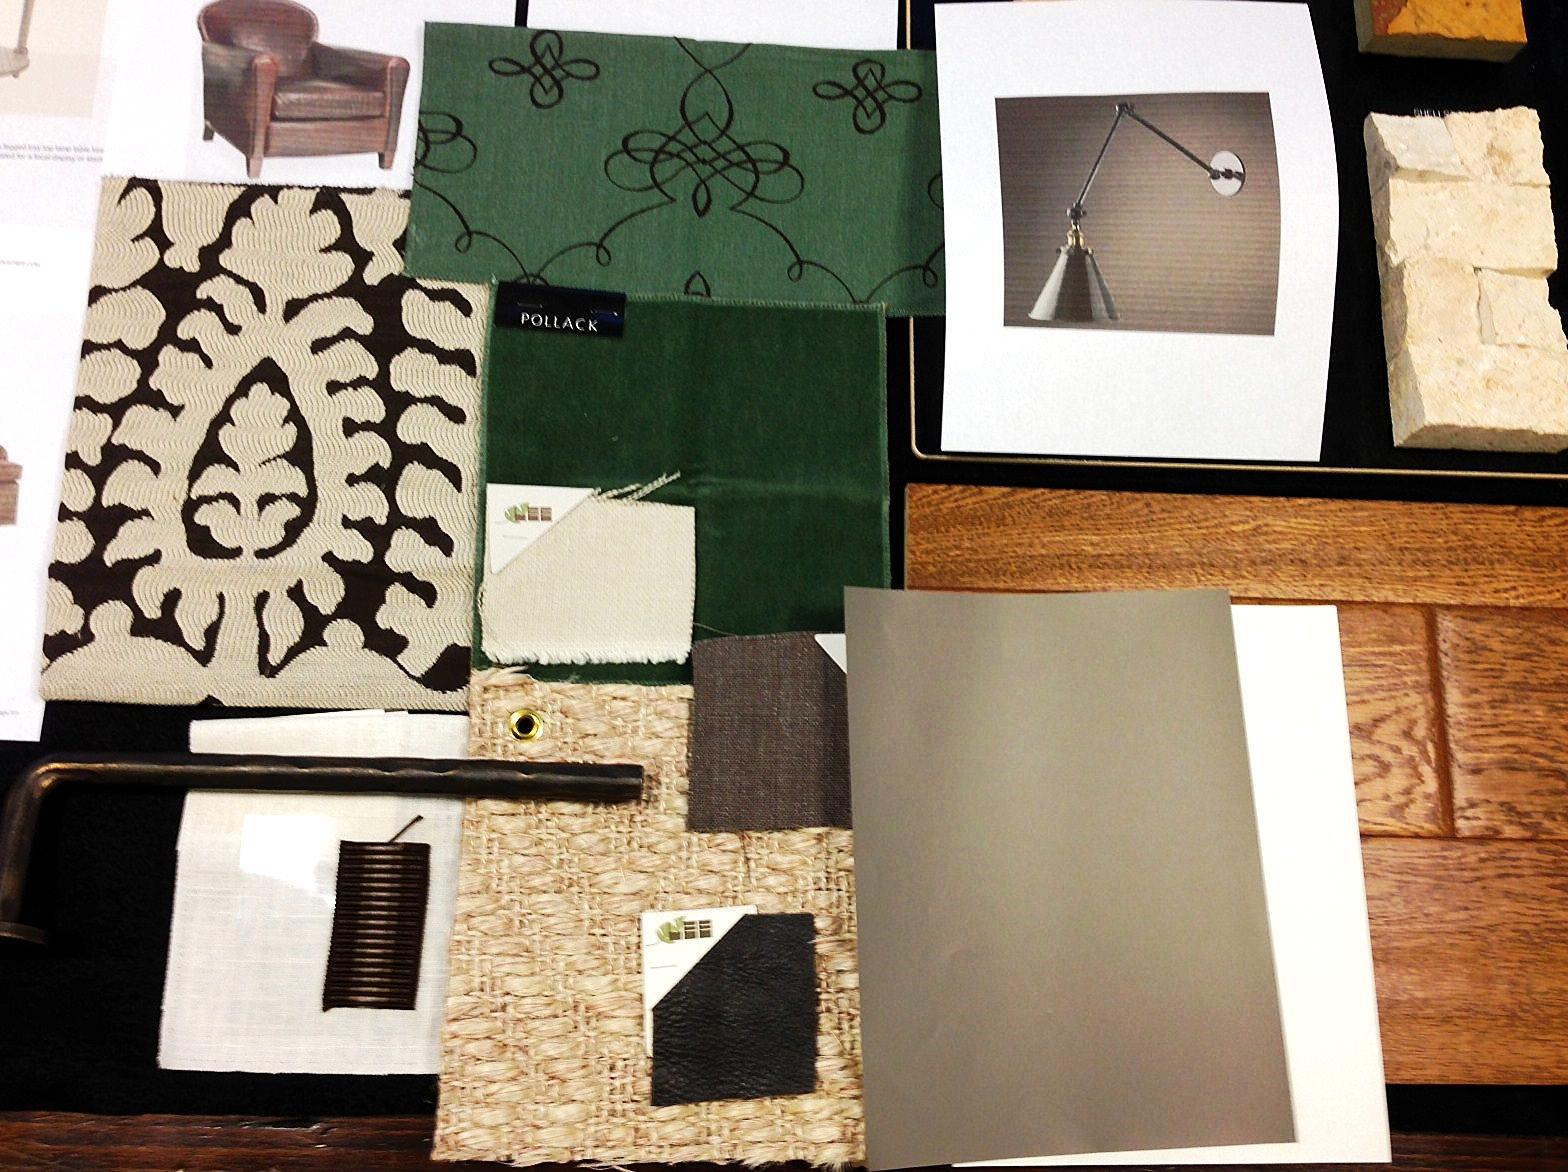 Schematic Design - Image #3.JPG